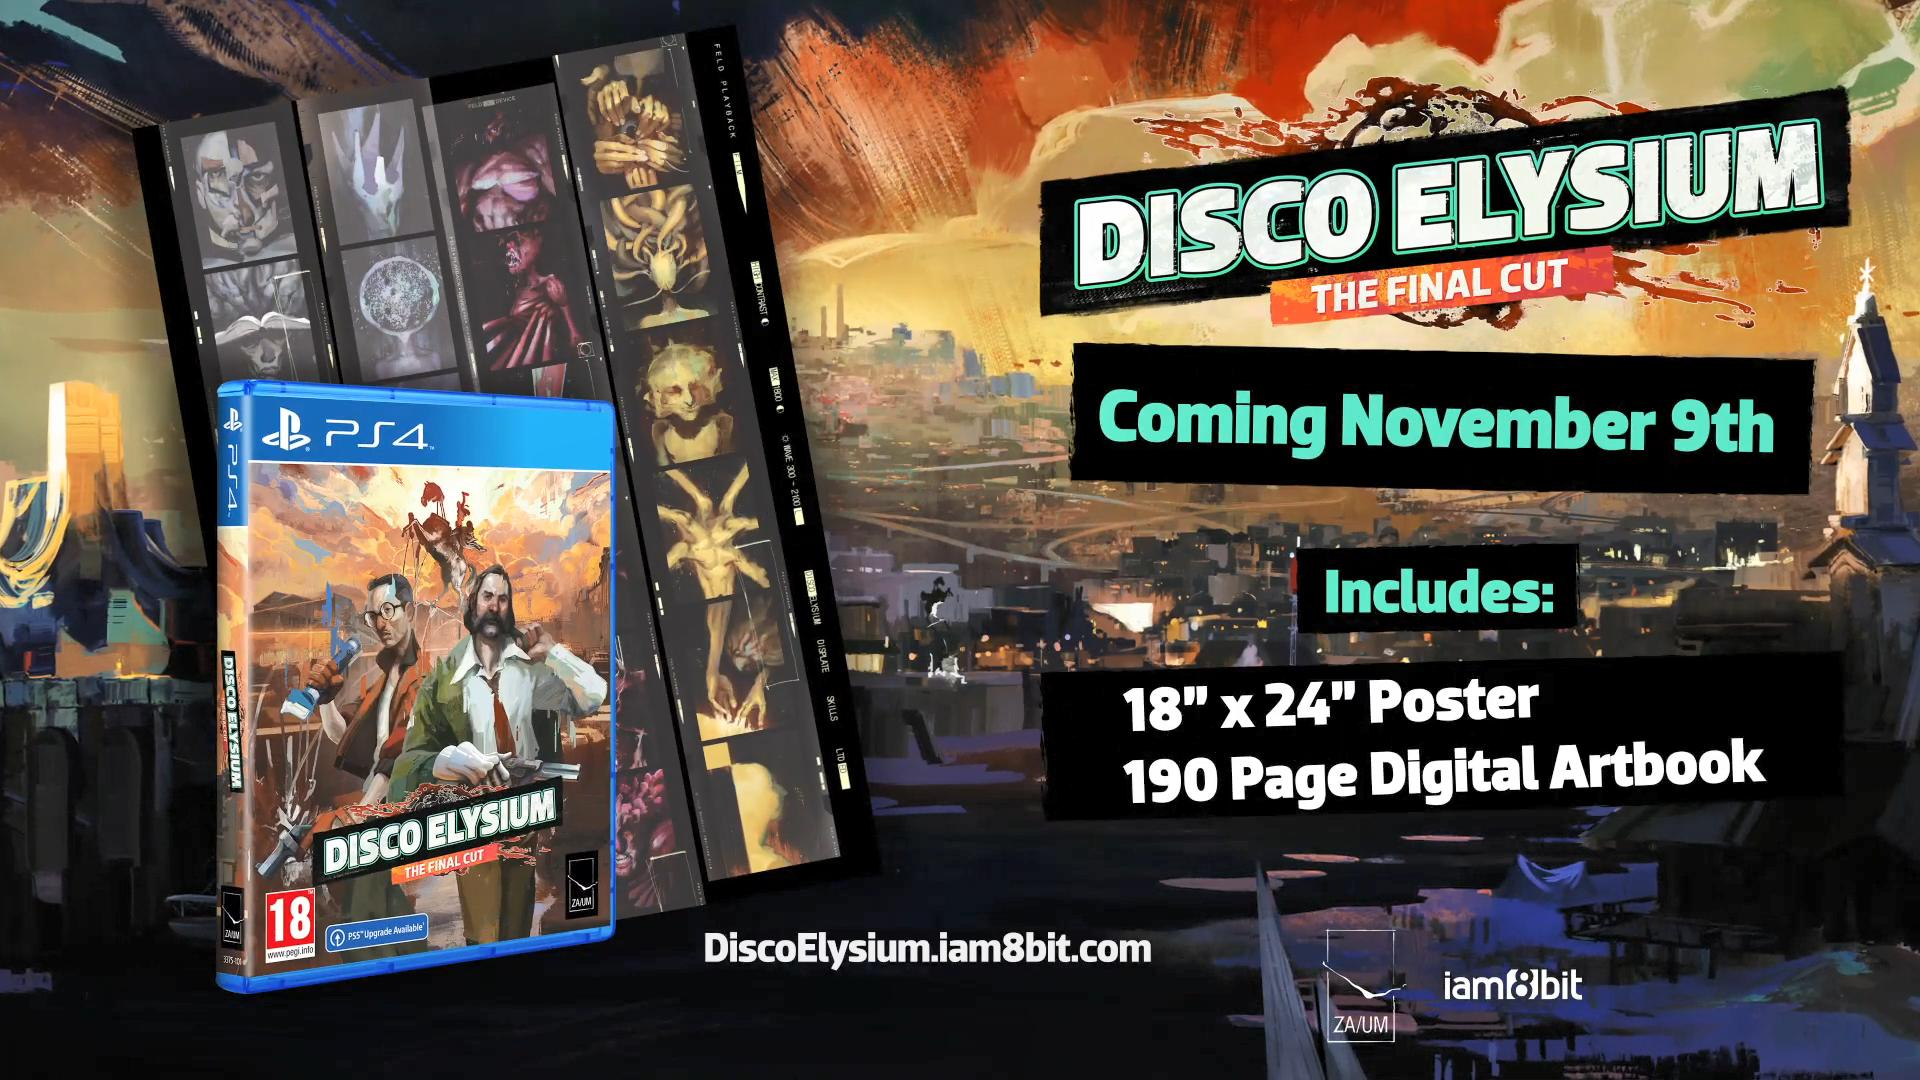 《极乐迪斯科:最终剪辑版》推出实体典藏版 11月9日发售